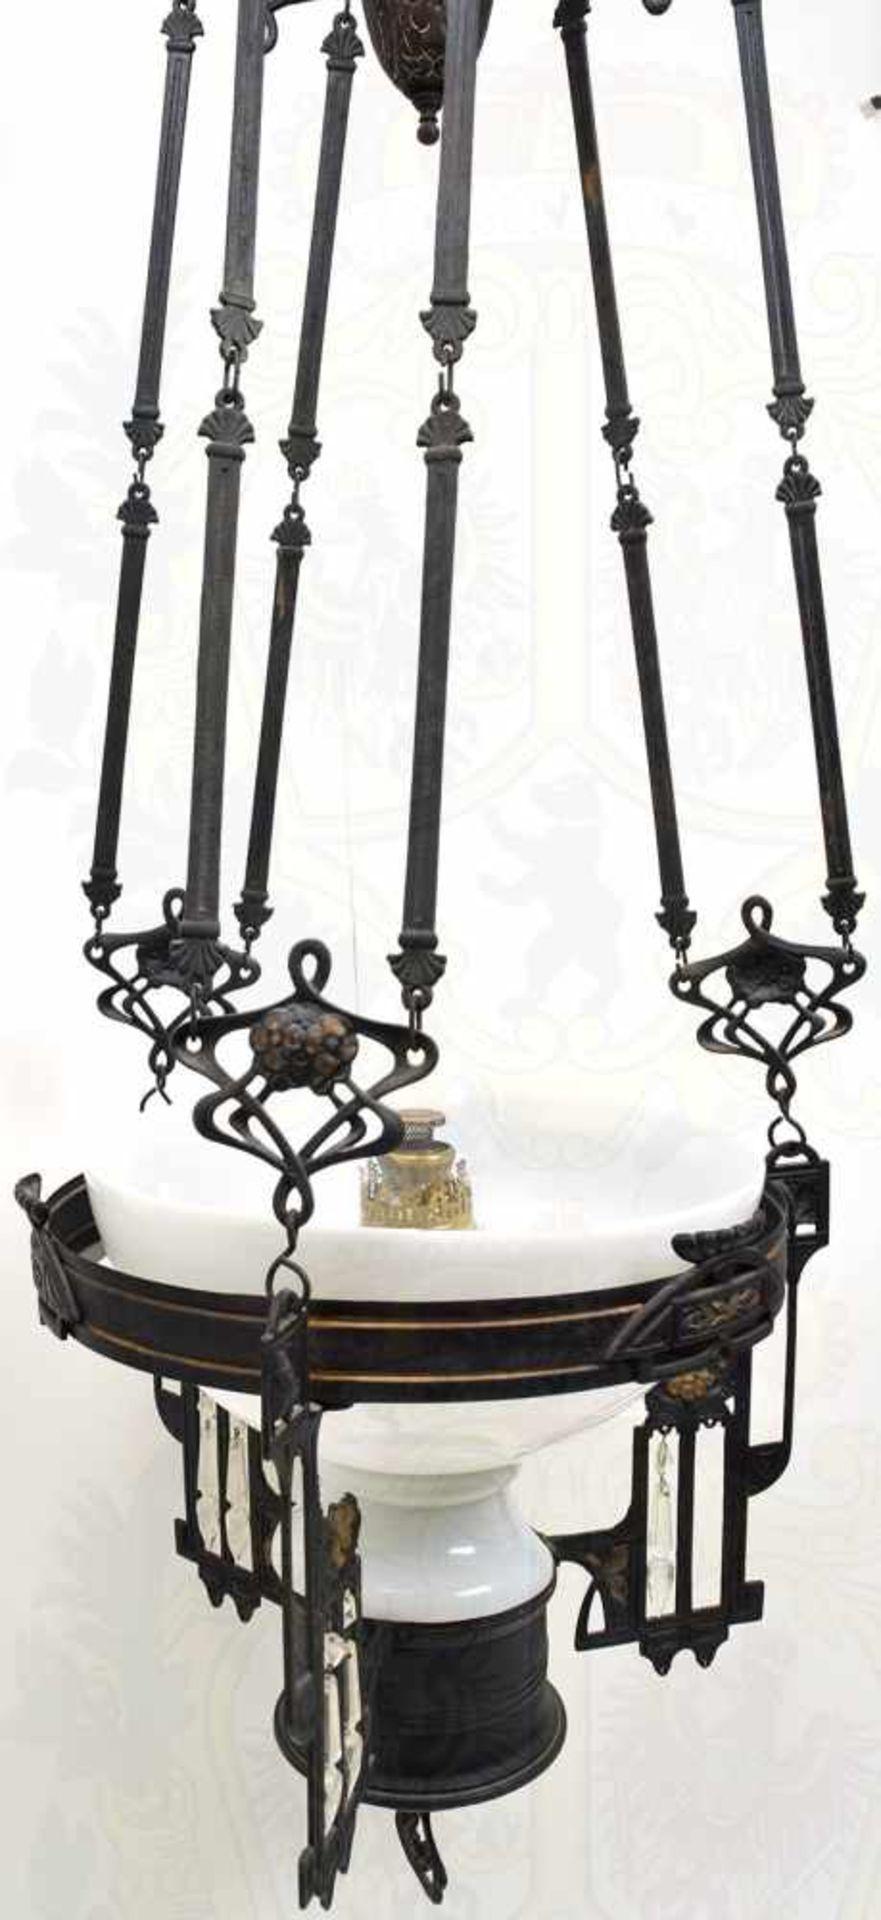 DECKENLEUCHTE, mehrteiliges Gestell aus Eisen mit Verzierungen, Kettengliedern zur Aufhängung, - Bild 3 aus 3